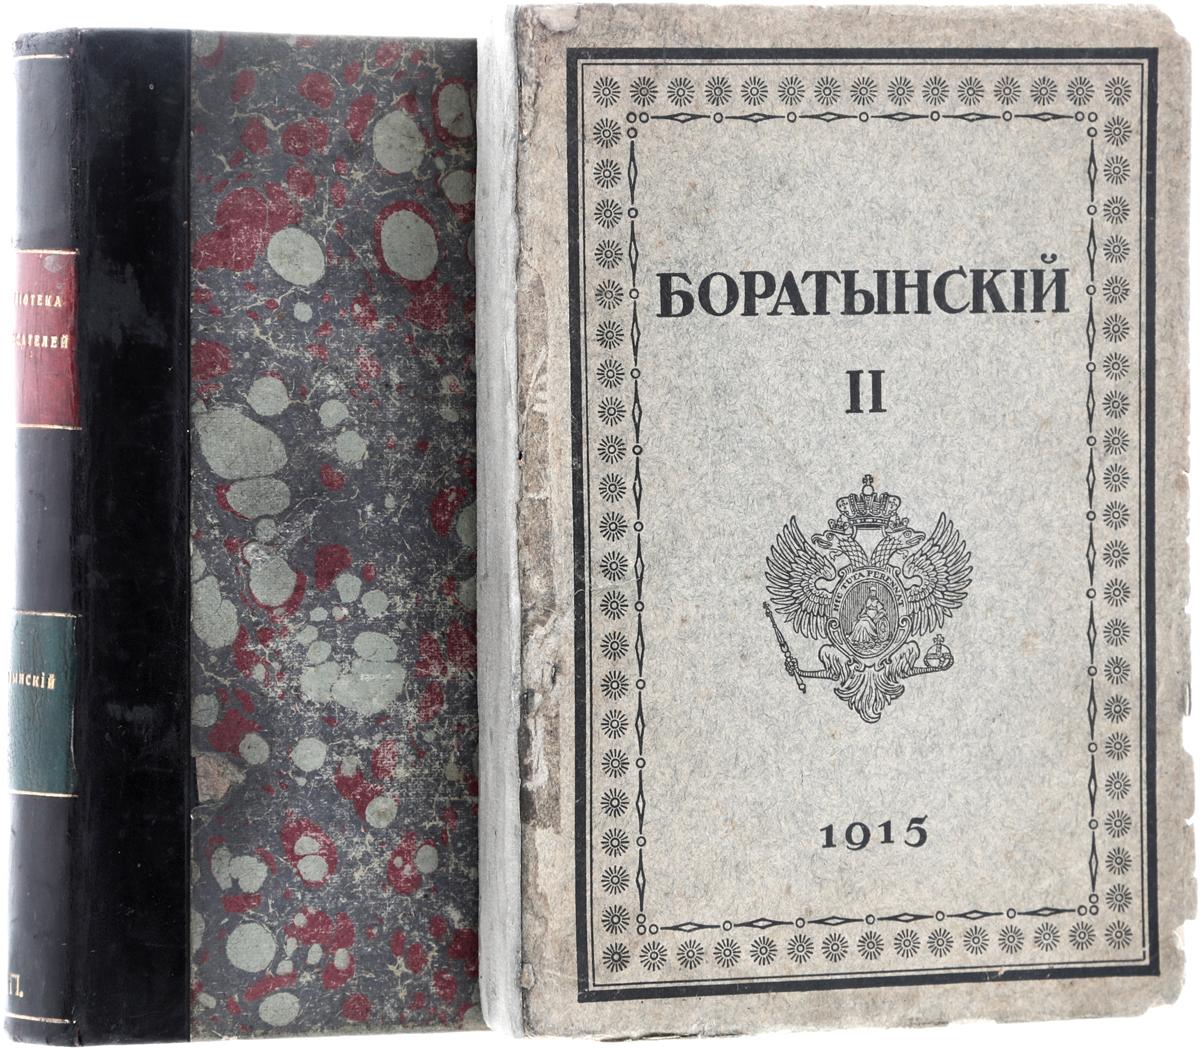 Полное собрание срчинений Е. А. Боратынского в 2 томах (комплект из 2 книг) Разряд изящной словесности Императорской Академии наук